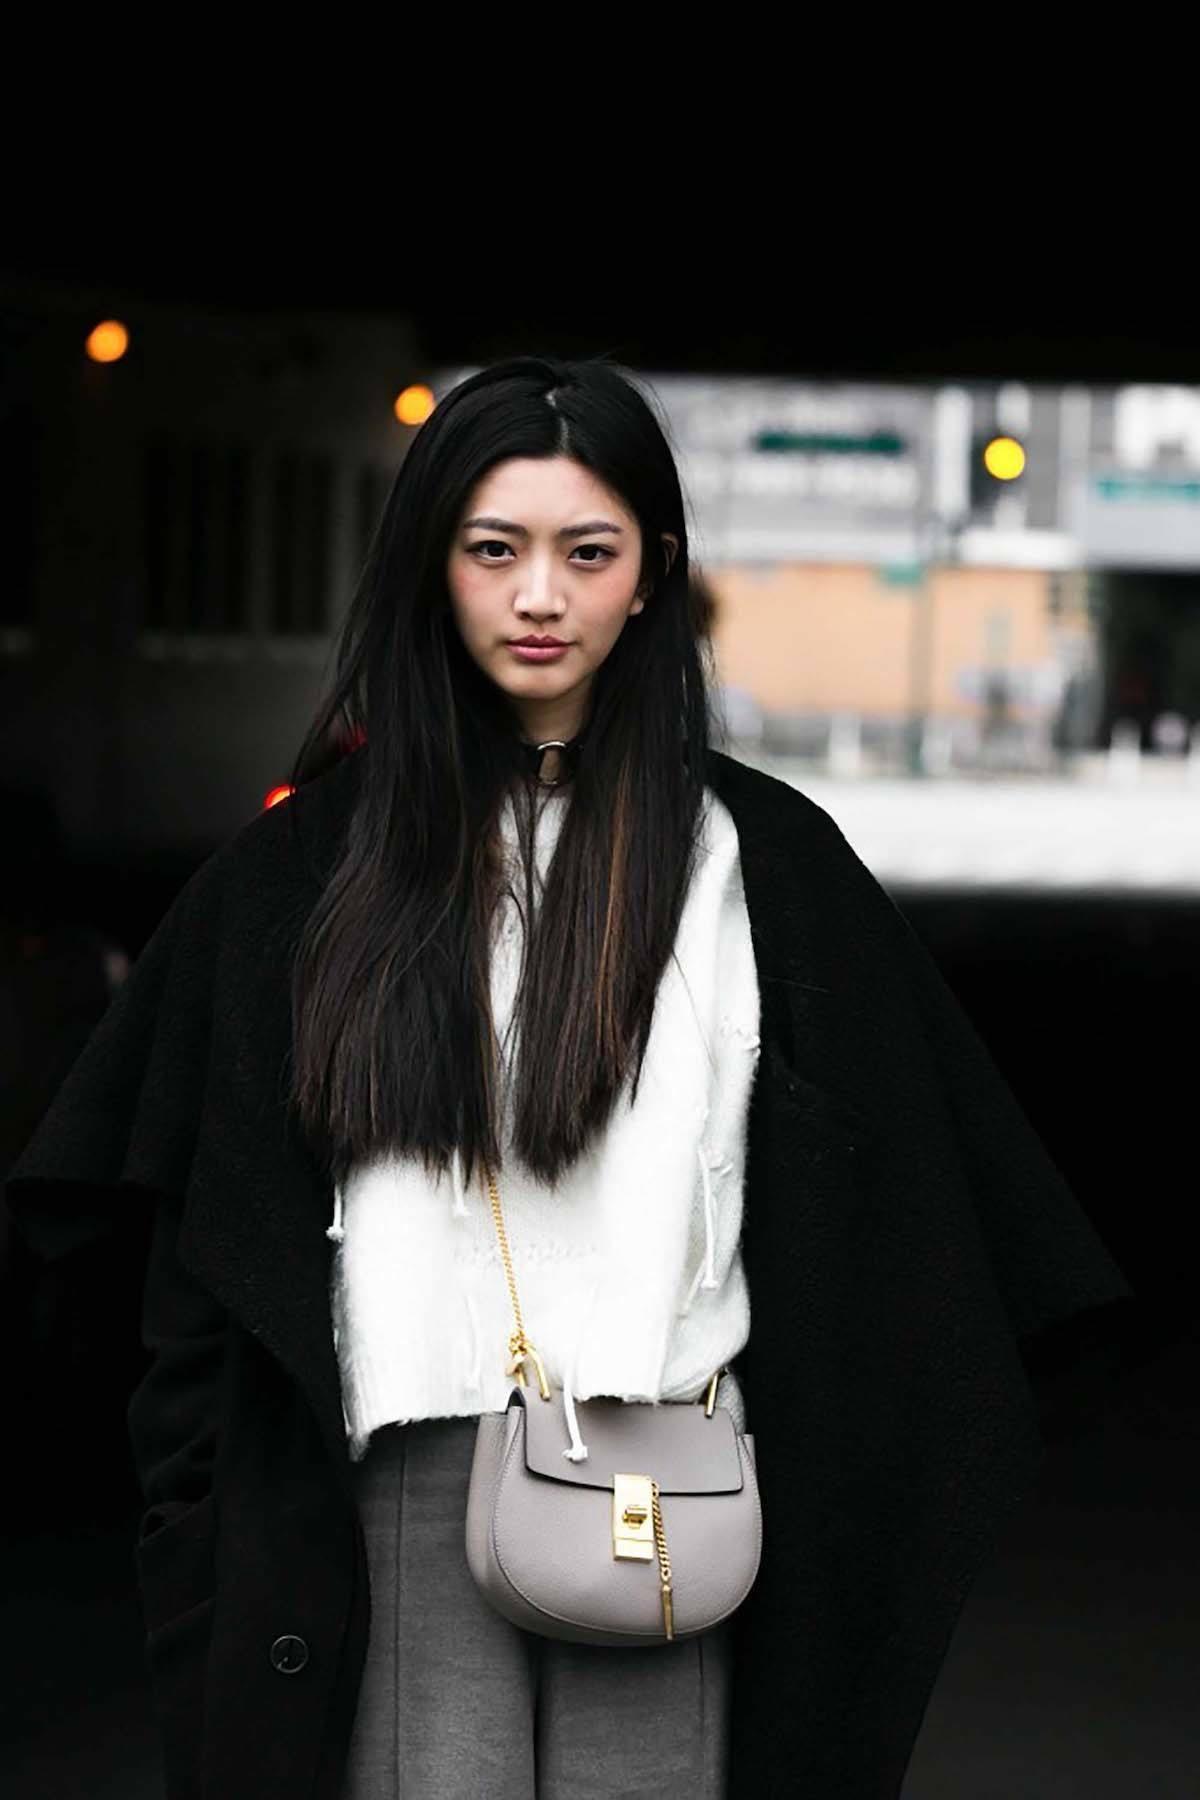 Wanita asia dengan rambut panjang lurus hitam dan highlight